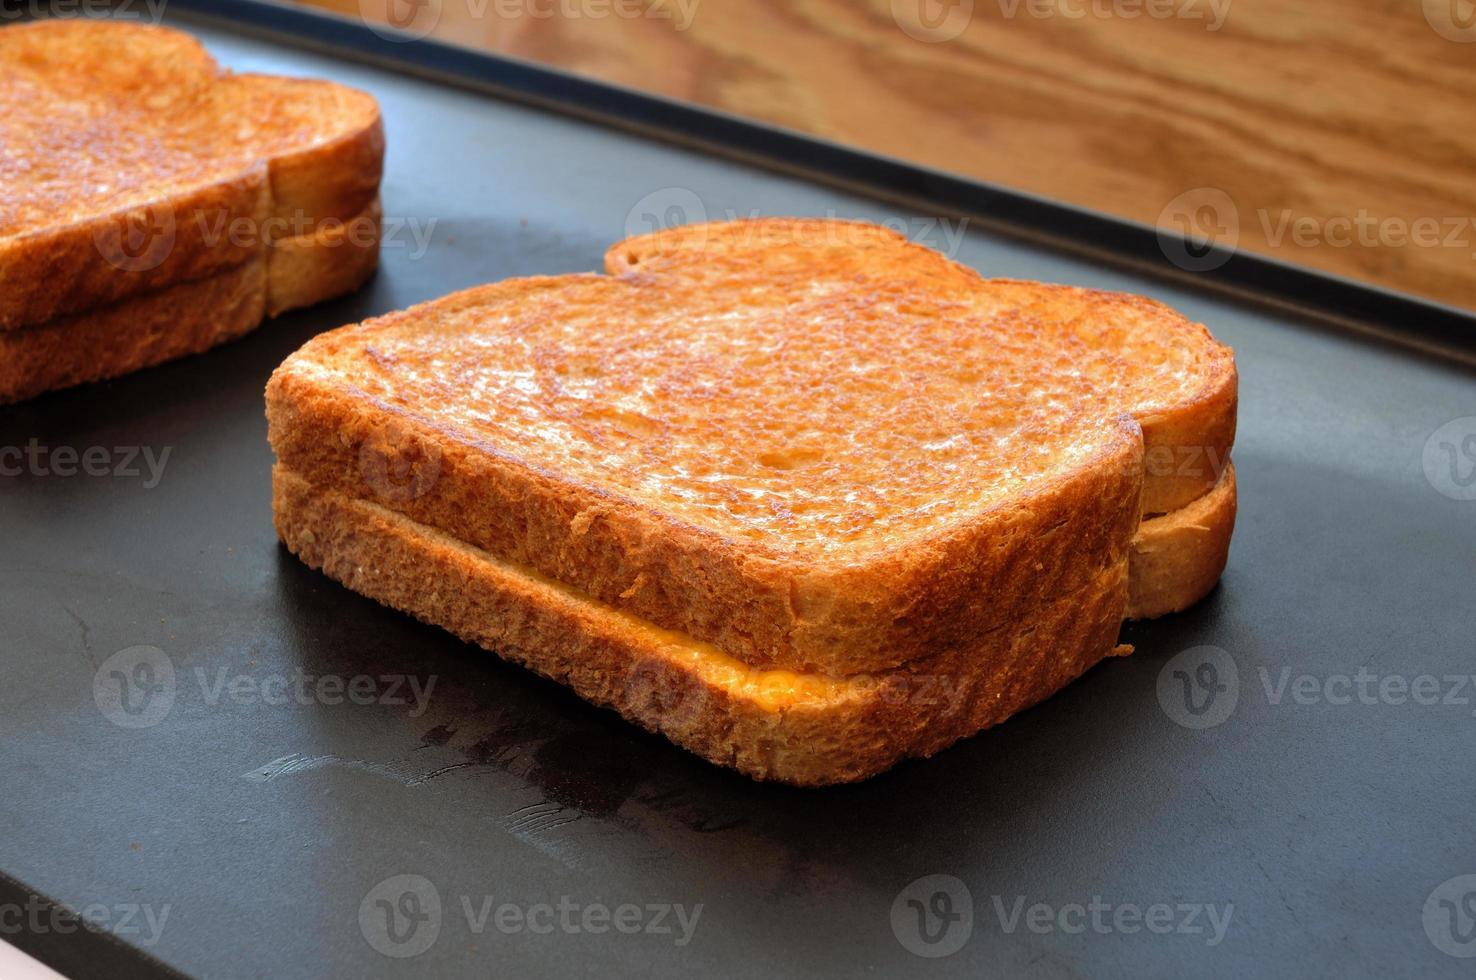 deux sandwichs au fromage grillé sur une plaque chauffante photo